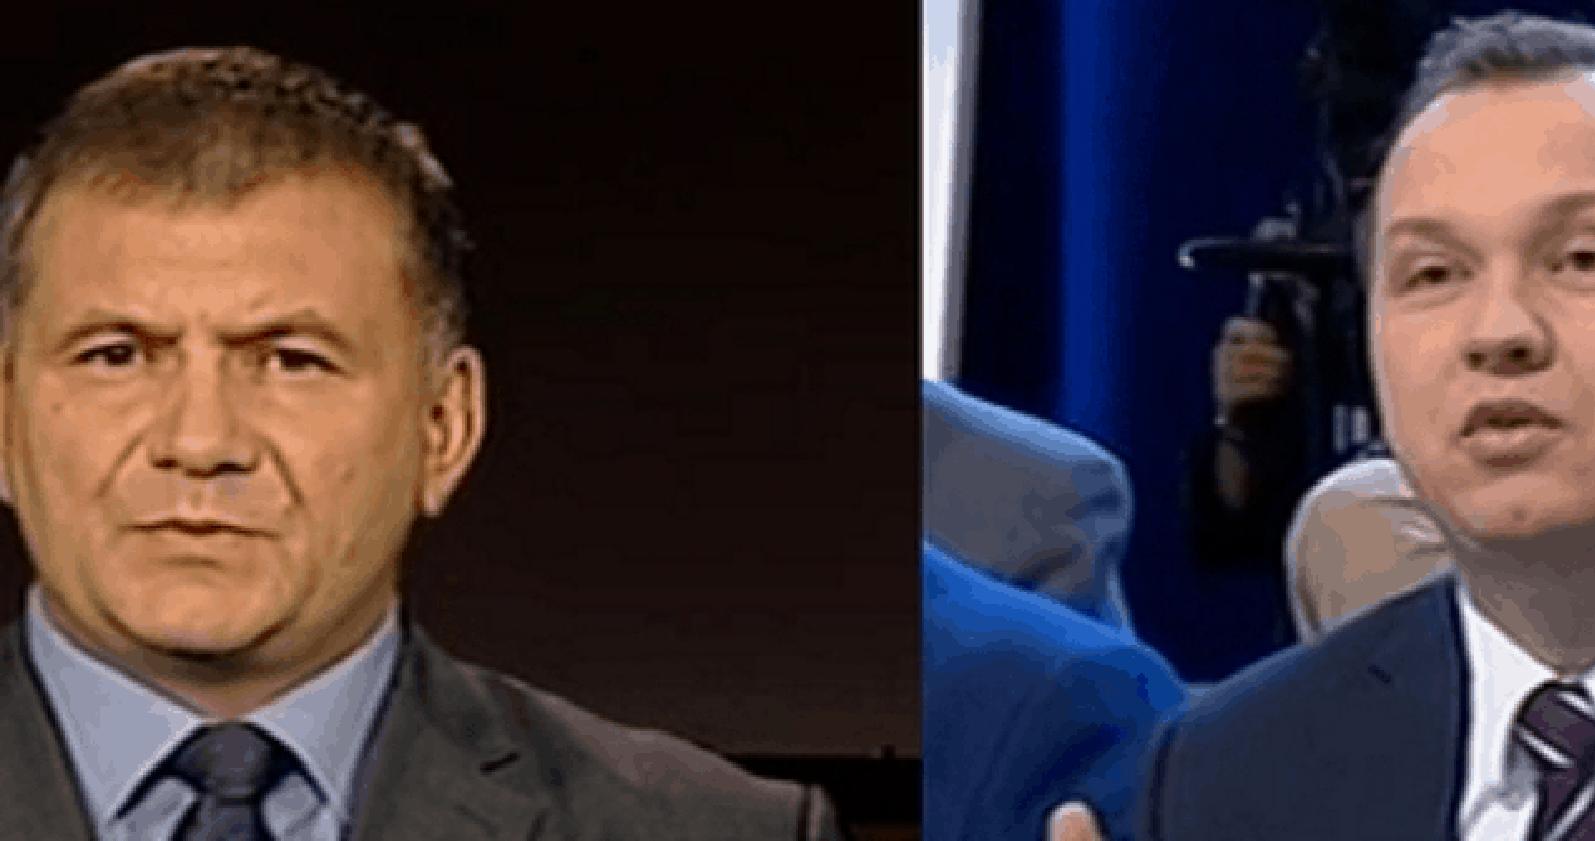 Sędzia Żurek zaorany przez posła PiS; Mariusz Kałużny pokazał mu miejsce w szeregu punktując go na antenie telewizji TVP, Co na to Prawo i Sprawiedliwość?